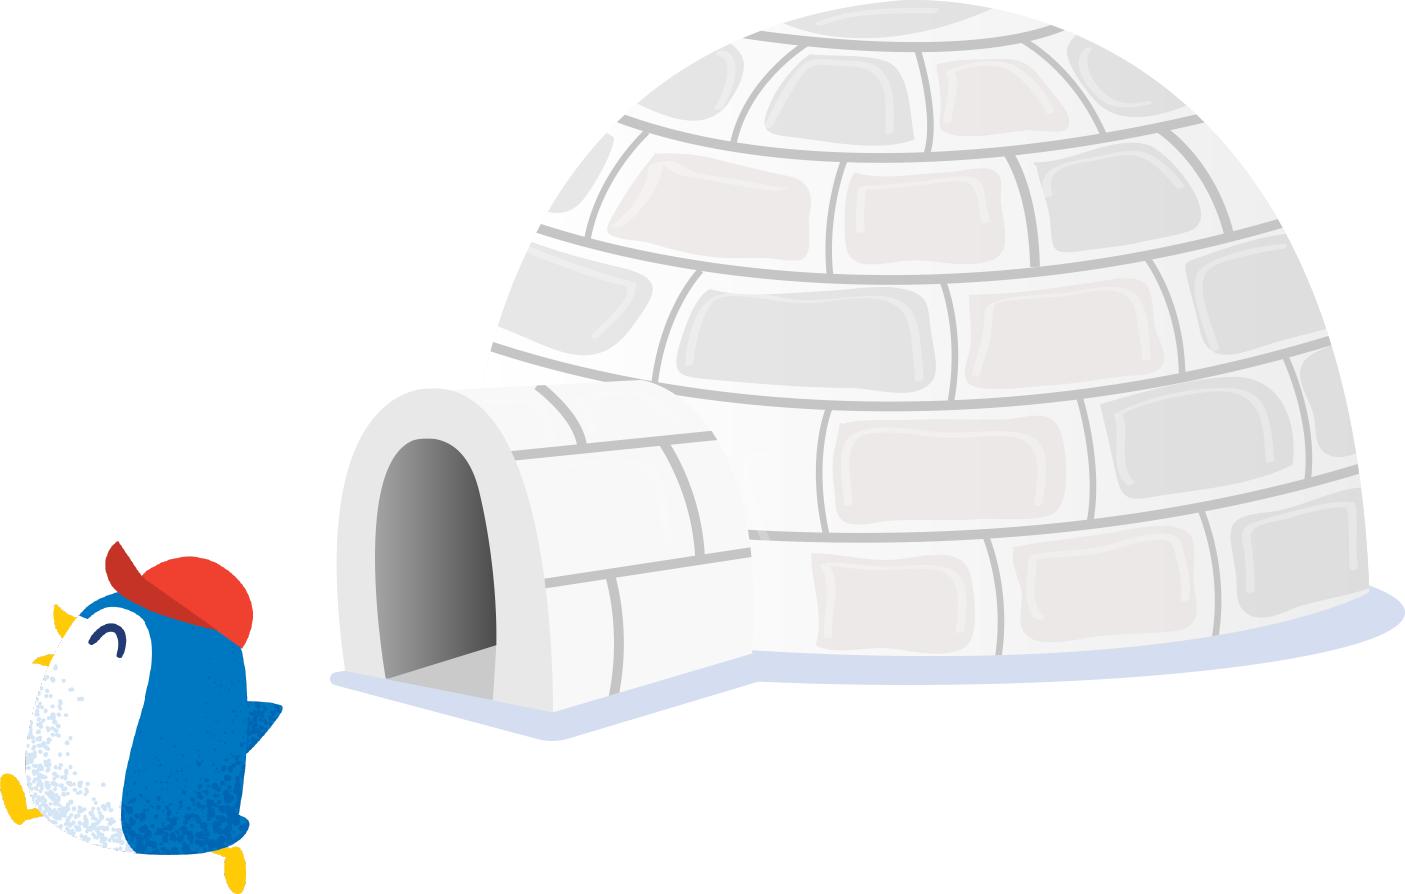 Penguin outside of an igloo